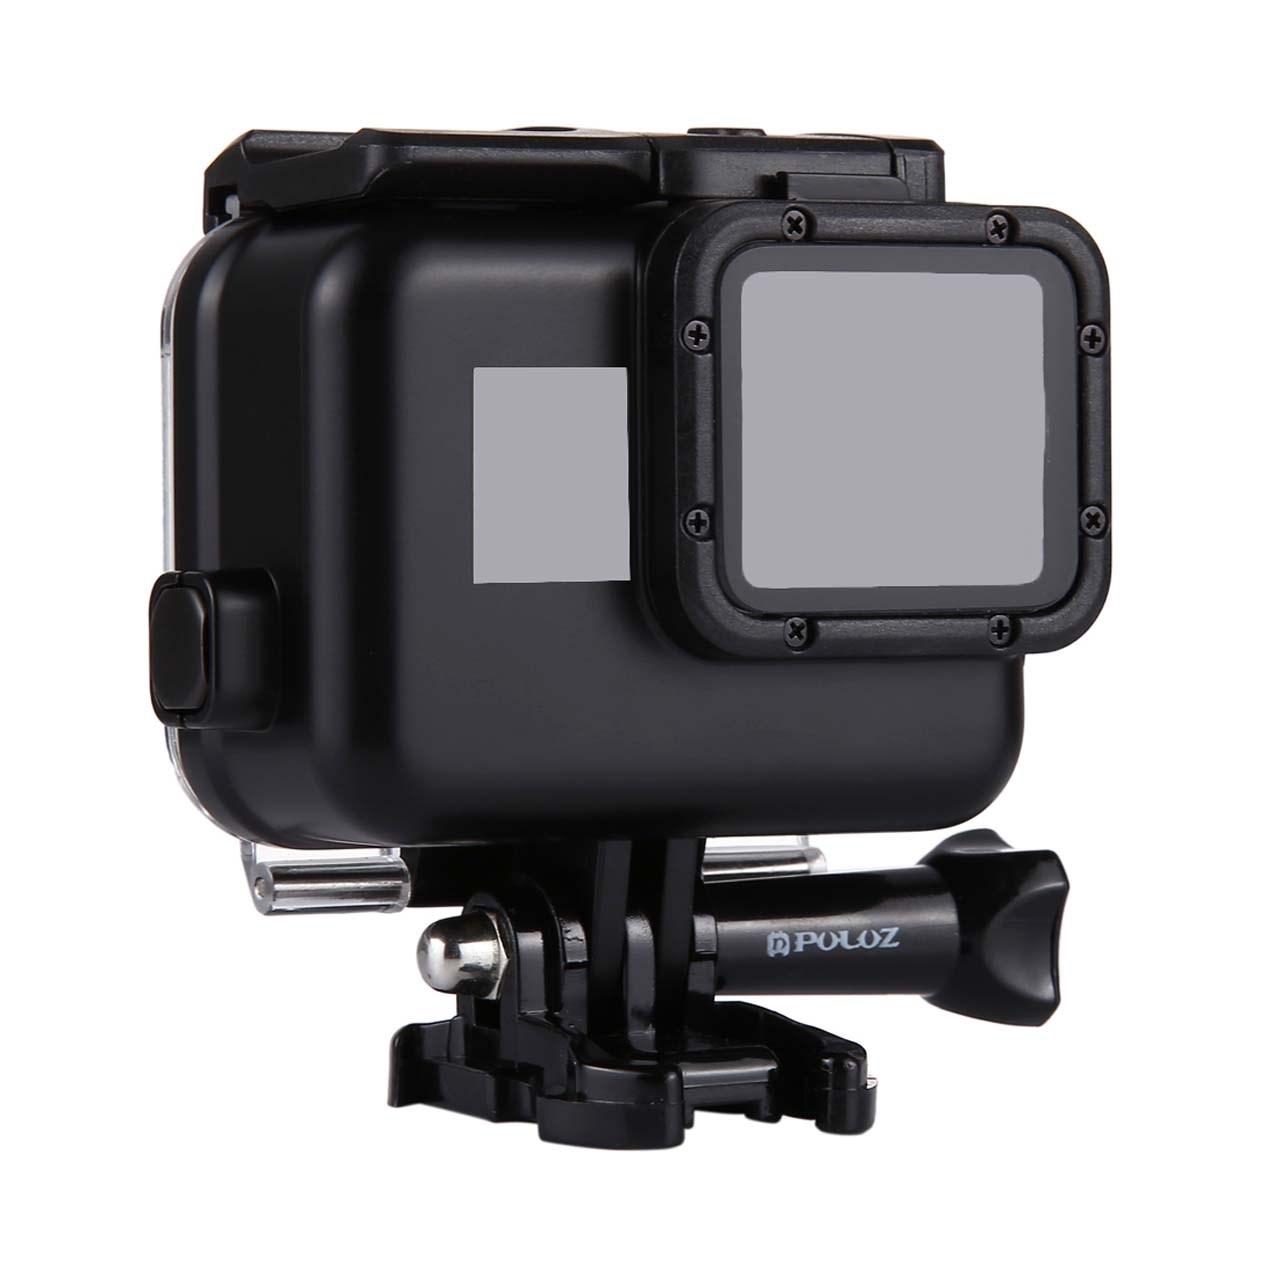 بررسی و {خرید با تخفیف}                                     کاور ضد آب پلوز مدل Back Cover مناسب برای دوربین ورزشی گوپرو هیرو 5/6                             اصل